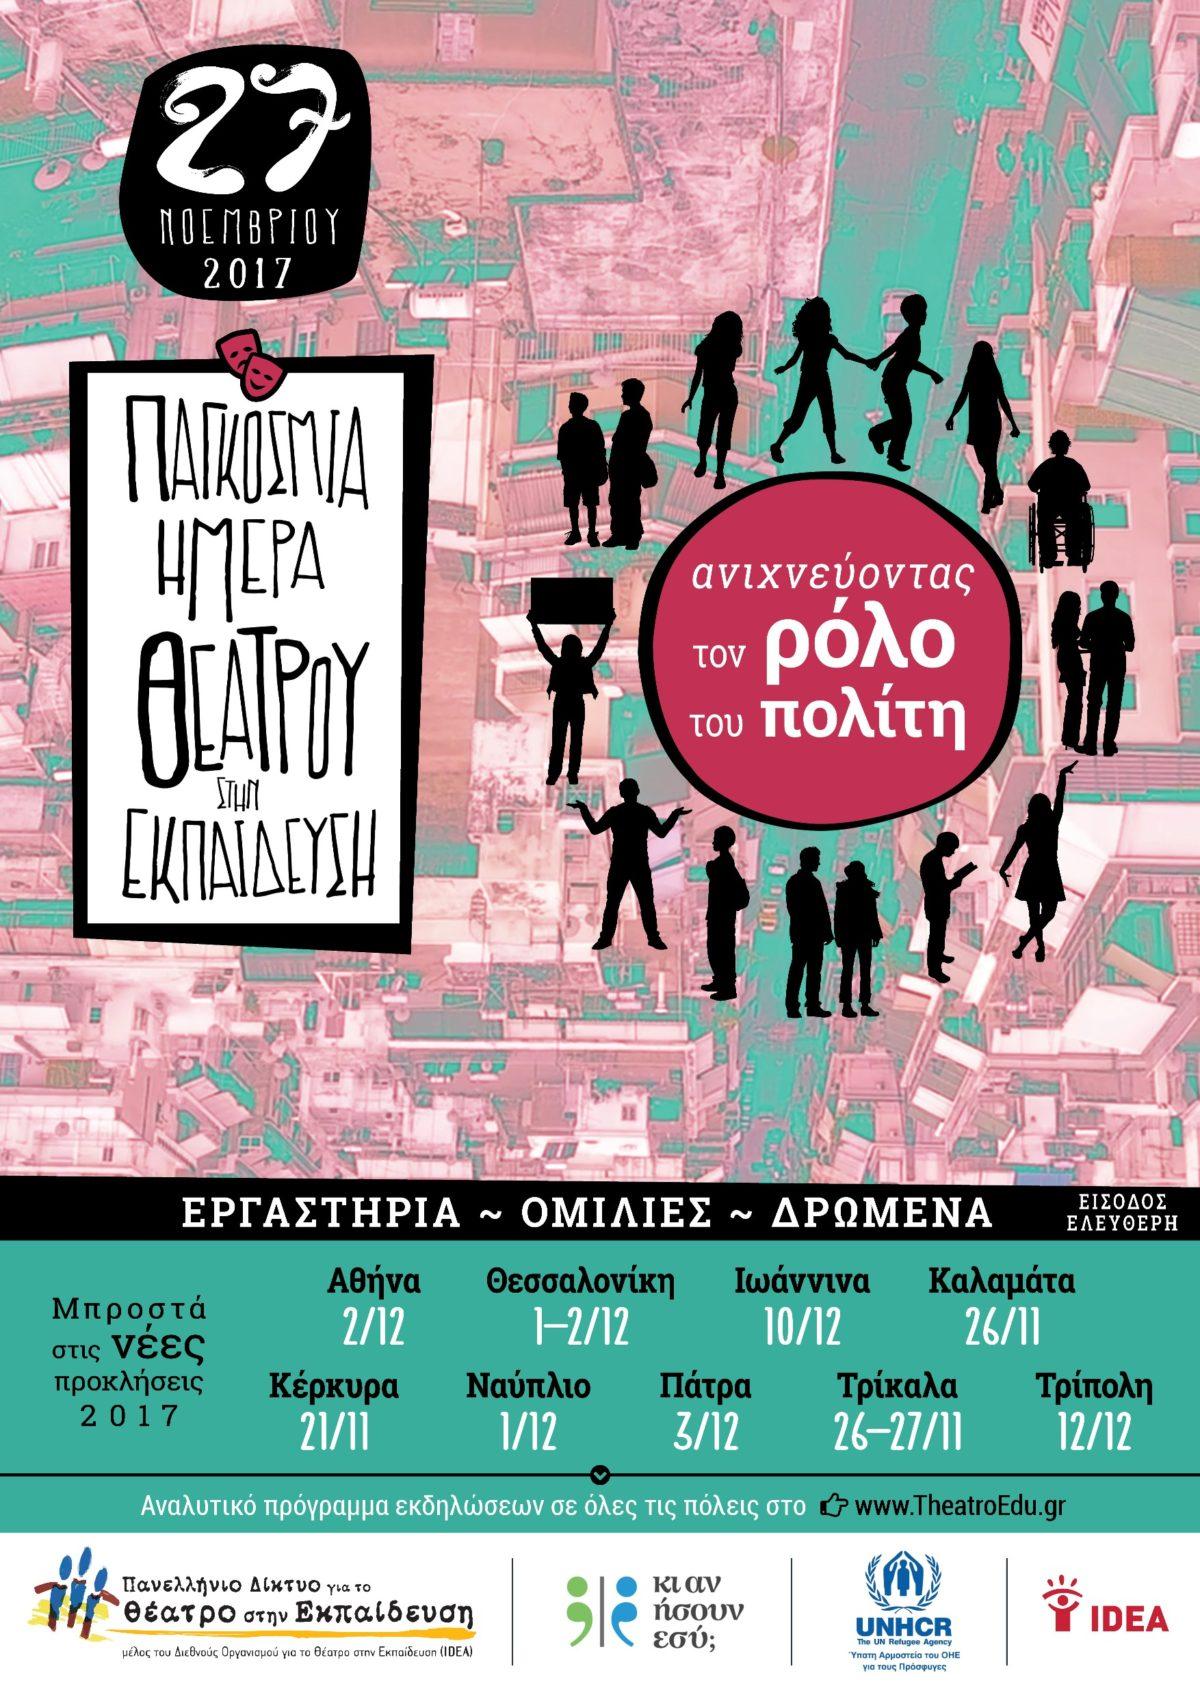 Θεατρικές δράσεις σε όλη την Ελλάδα από το Πανελλήνιο Δίκτυο για το θέατρο στην εκπαίδευση